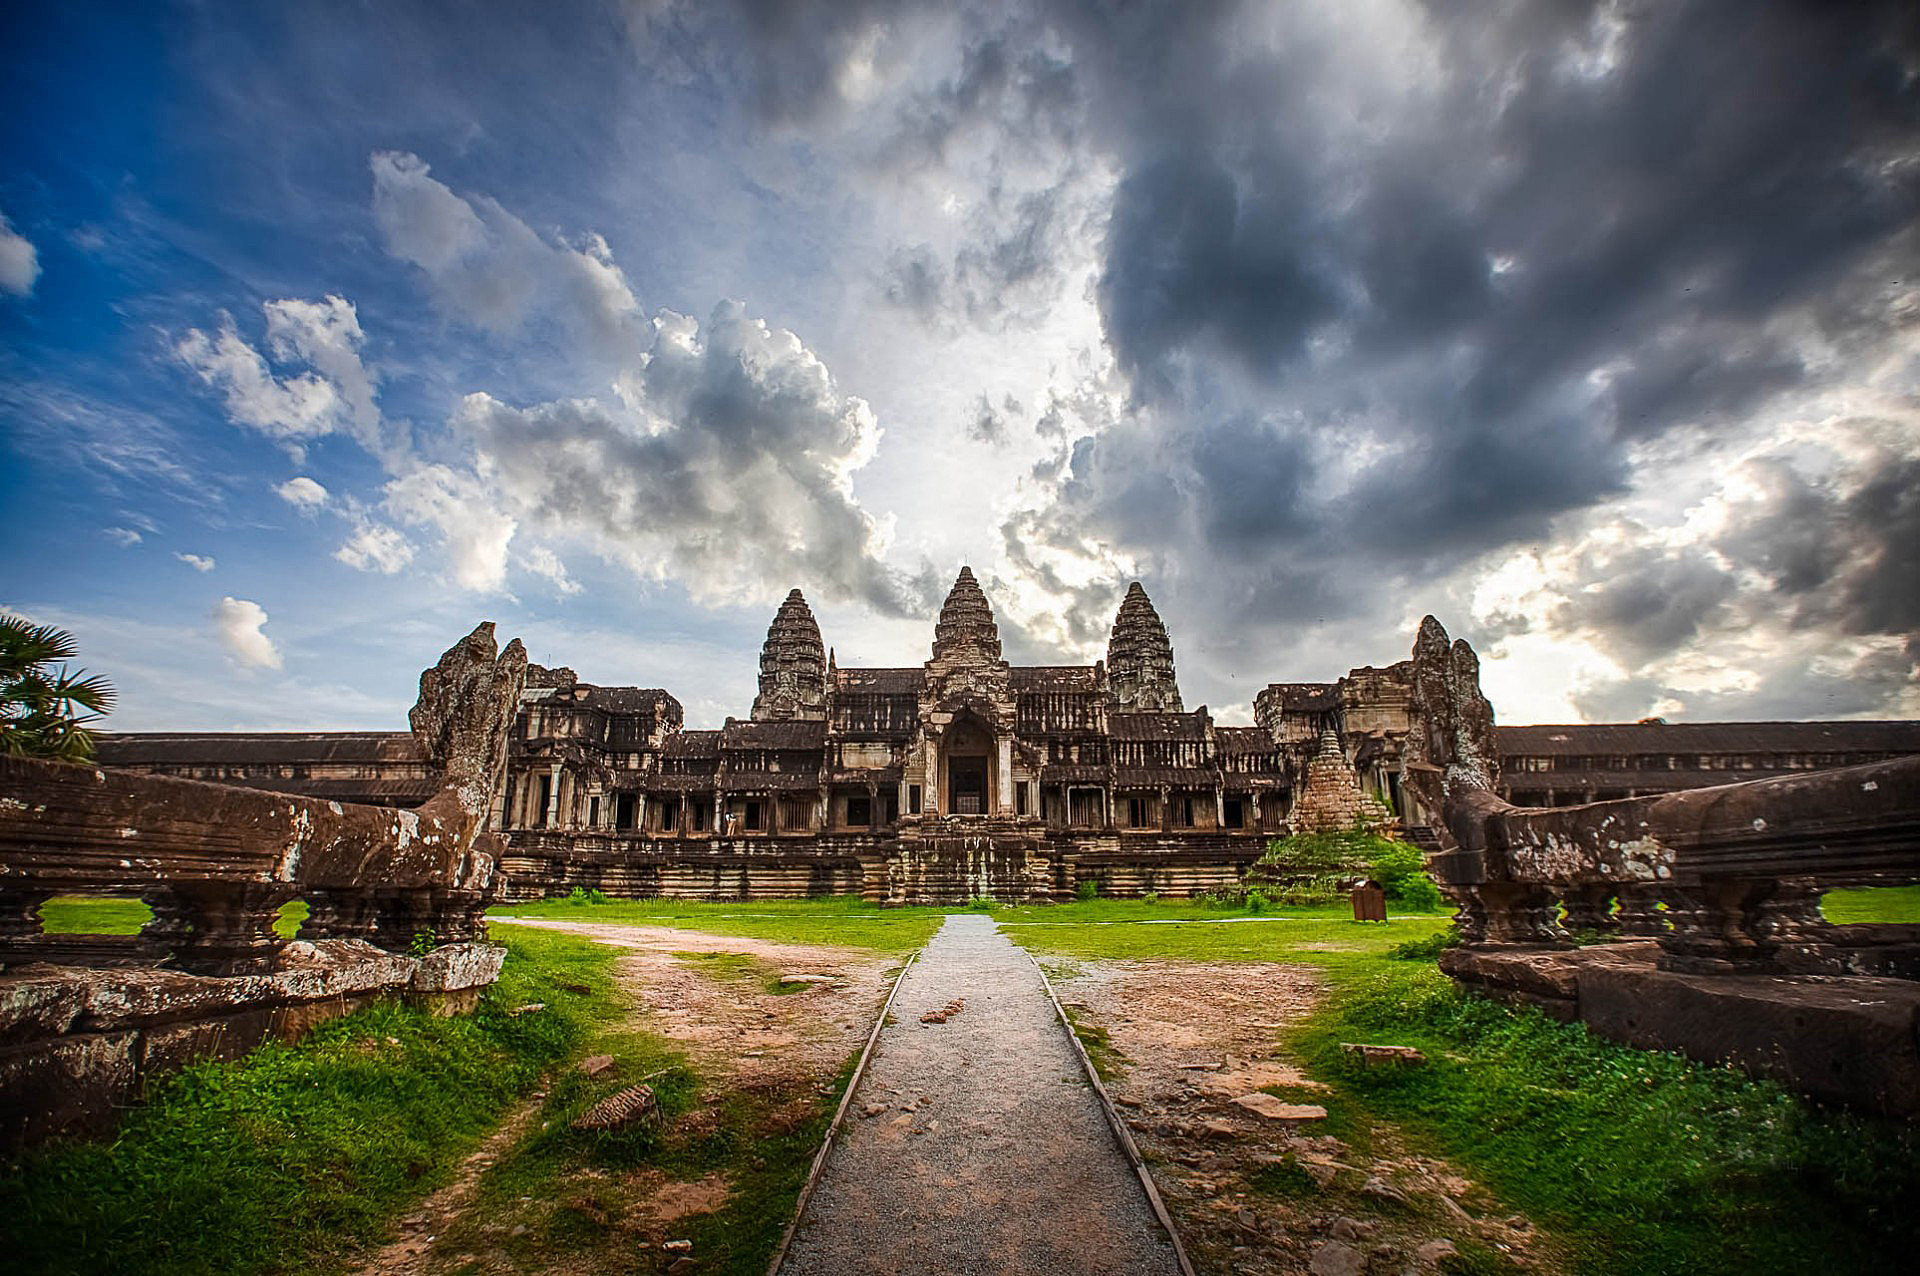 Интересные статьи о путешествиях по миру